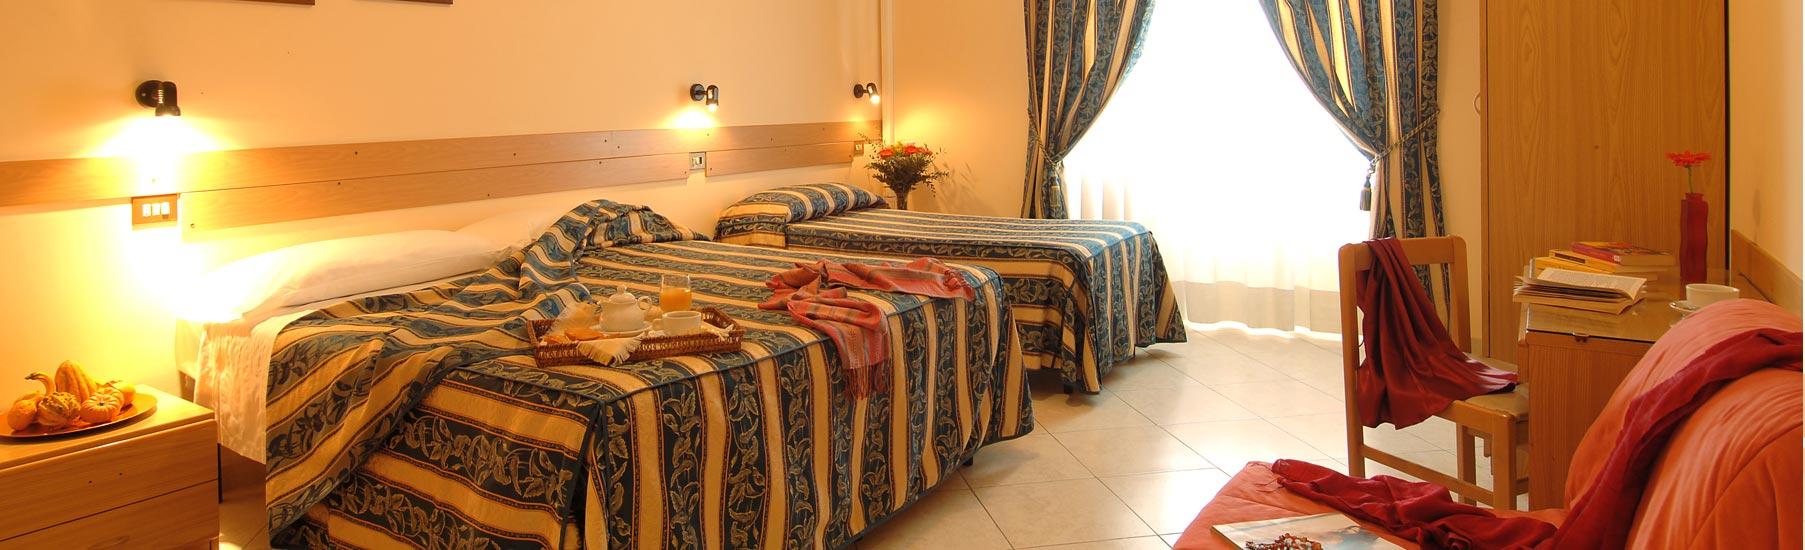 HotelLoretoMilano_HomeSlider011